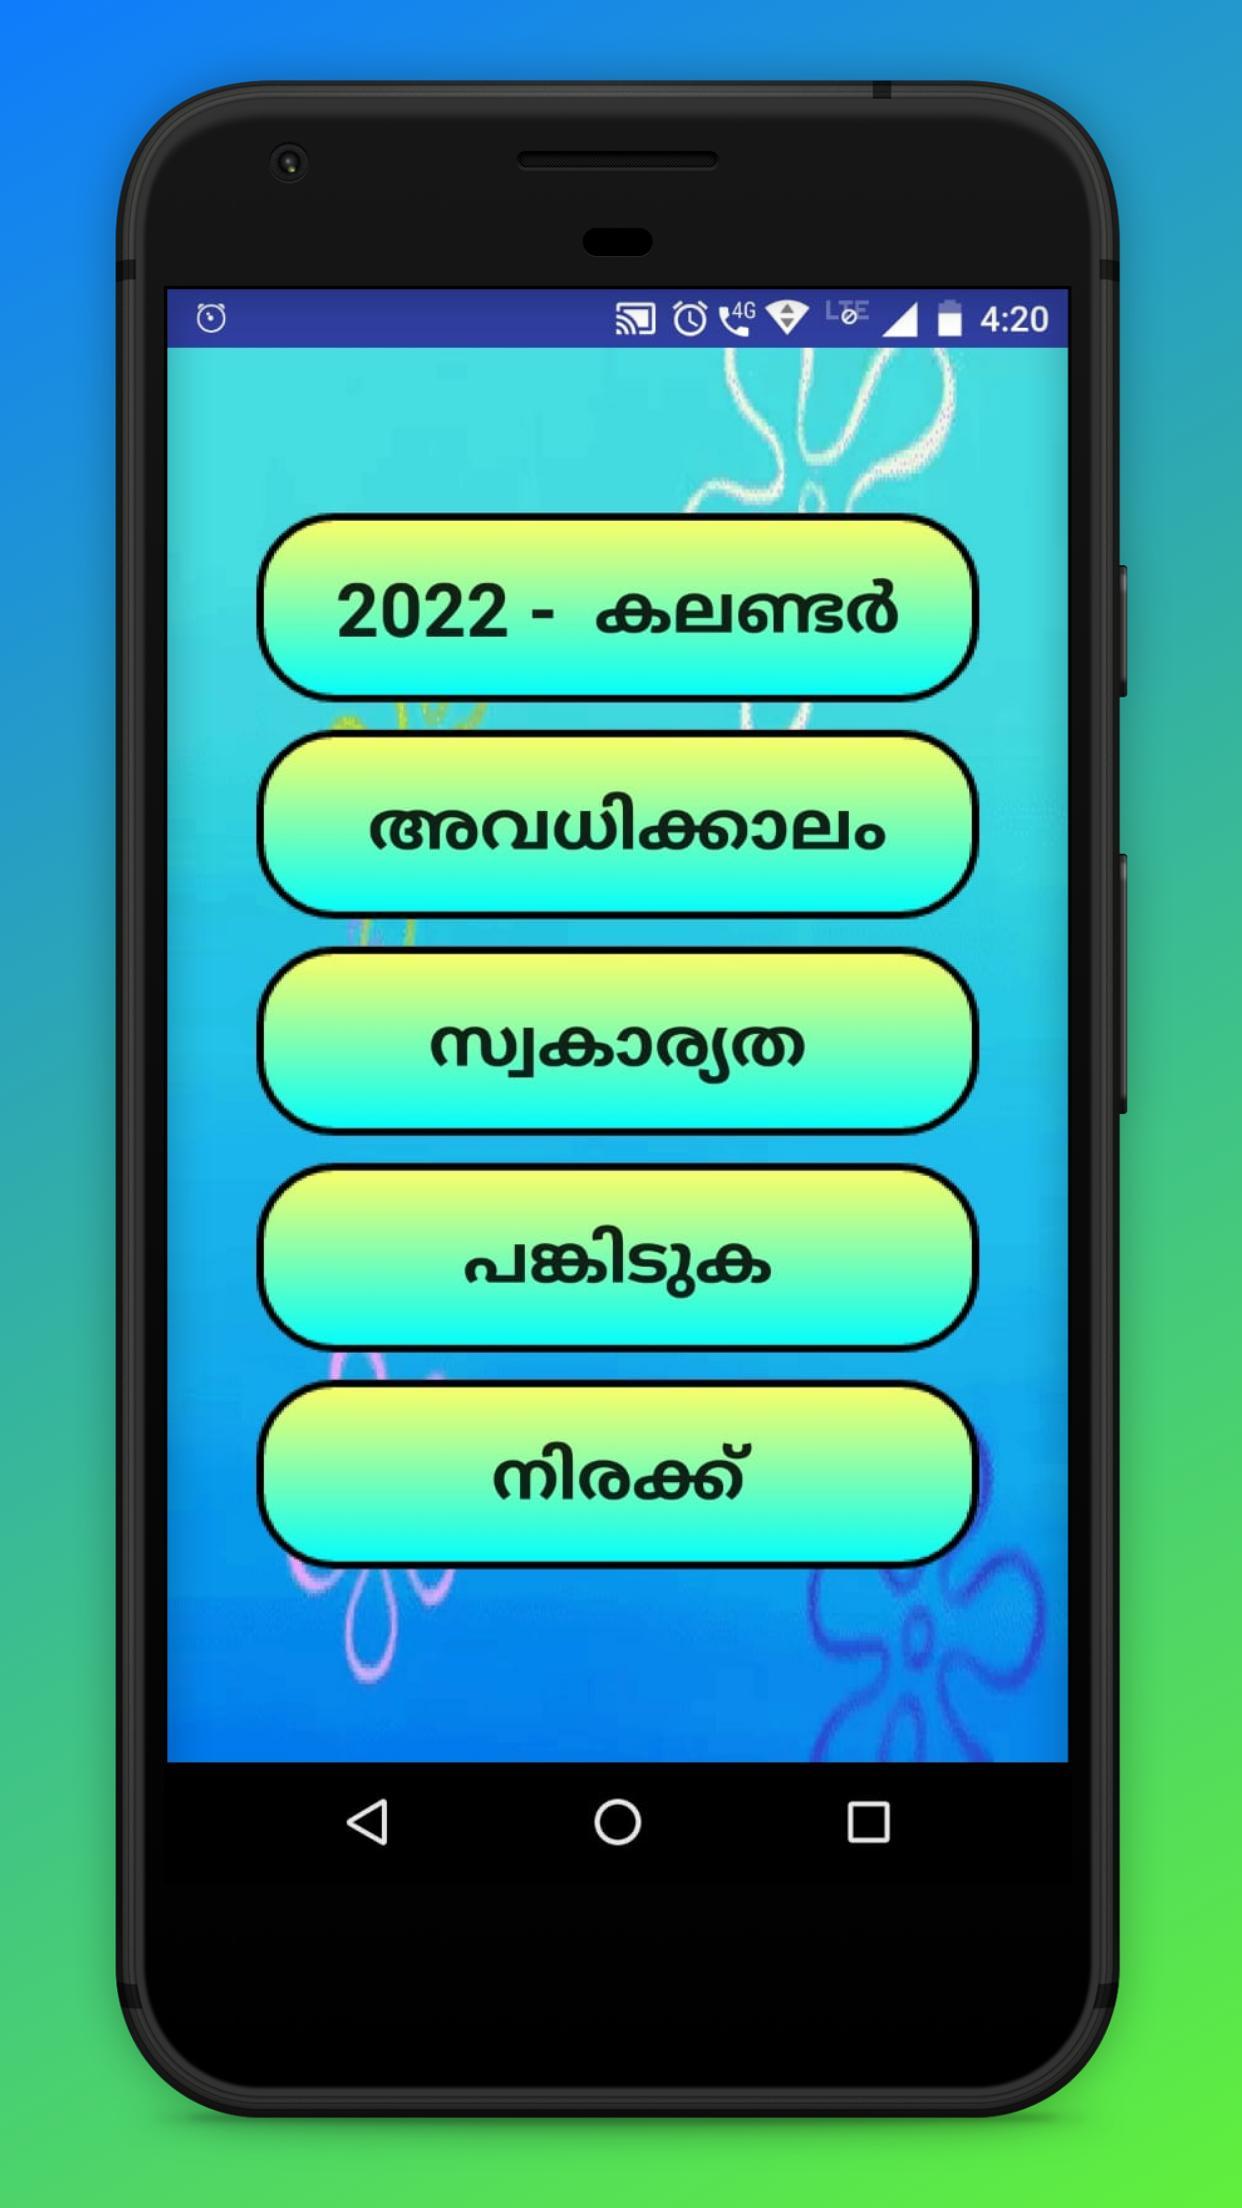 Manorama Calendar 2022.Malayalam Calendar 2022 Malayala Manorama For Android Apk Download